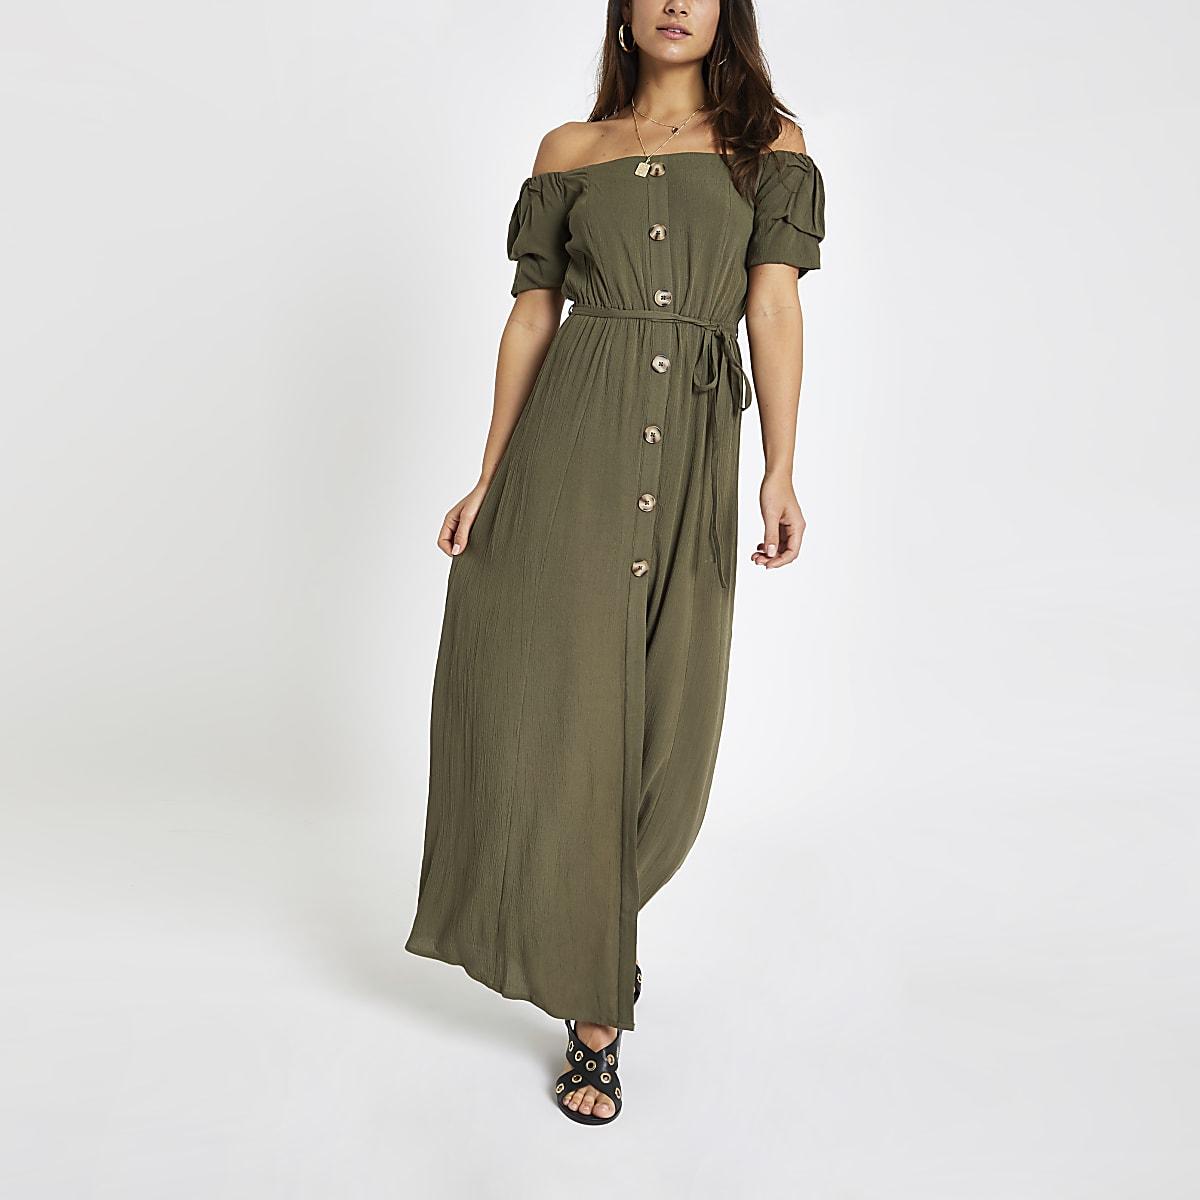 b2369ba38e Petite khaki button front bardot maxi dress - Maxi Dresses - Dresses - women